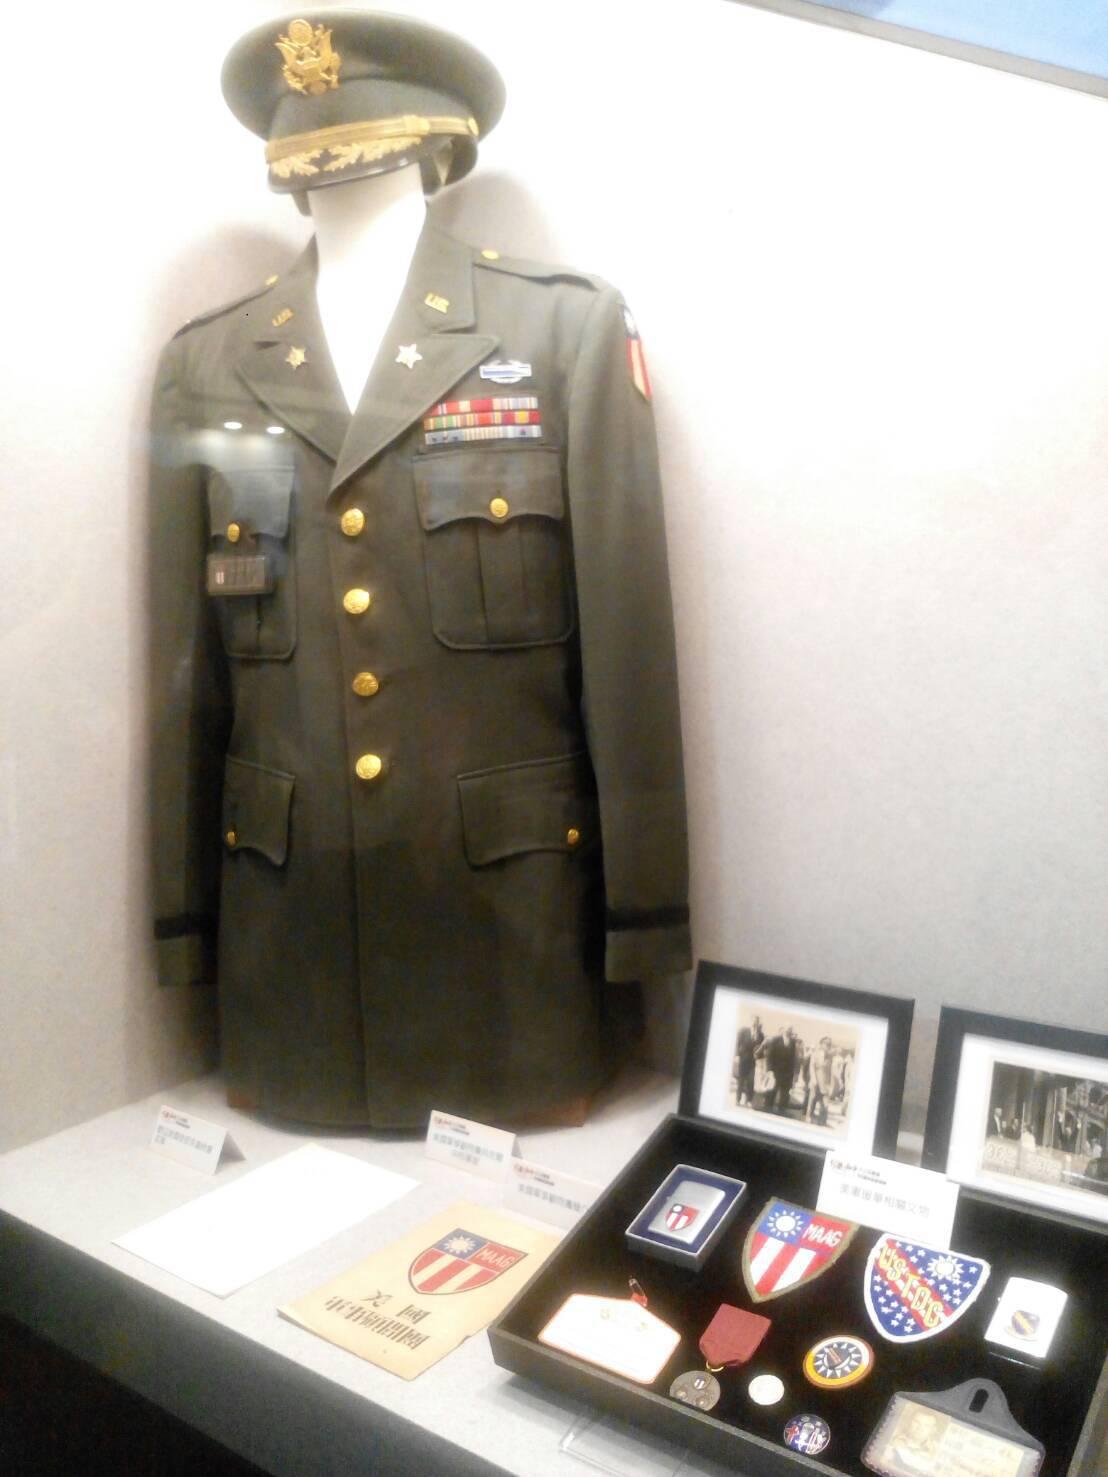 國防部在三軍軍官俱樂部勝利廳舉行的「珍愛和平─823戰役60周年紀念特展」,會場...